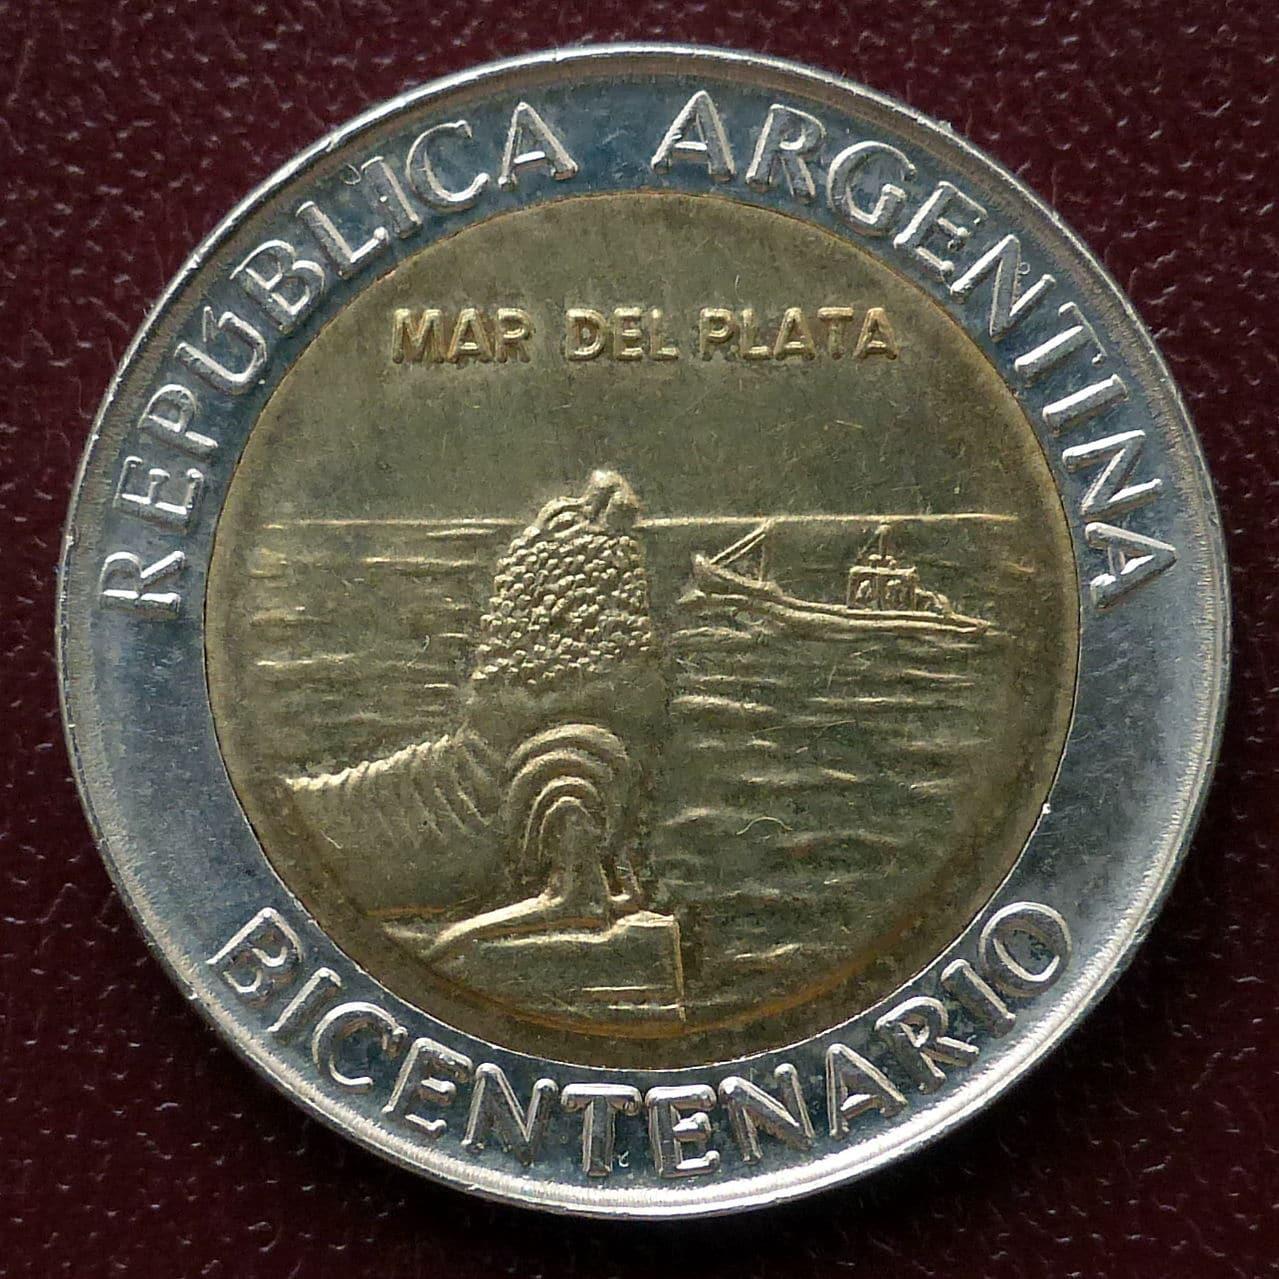 Argentina - Serie 1 peso - Bicentenario 1er